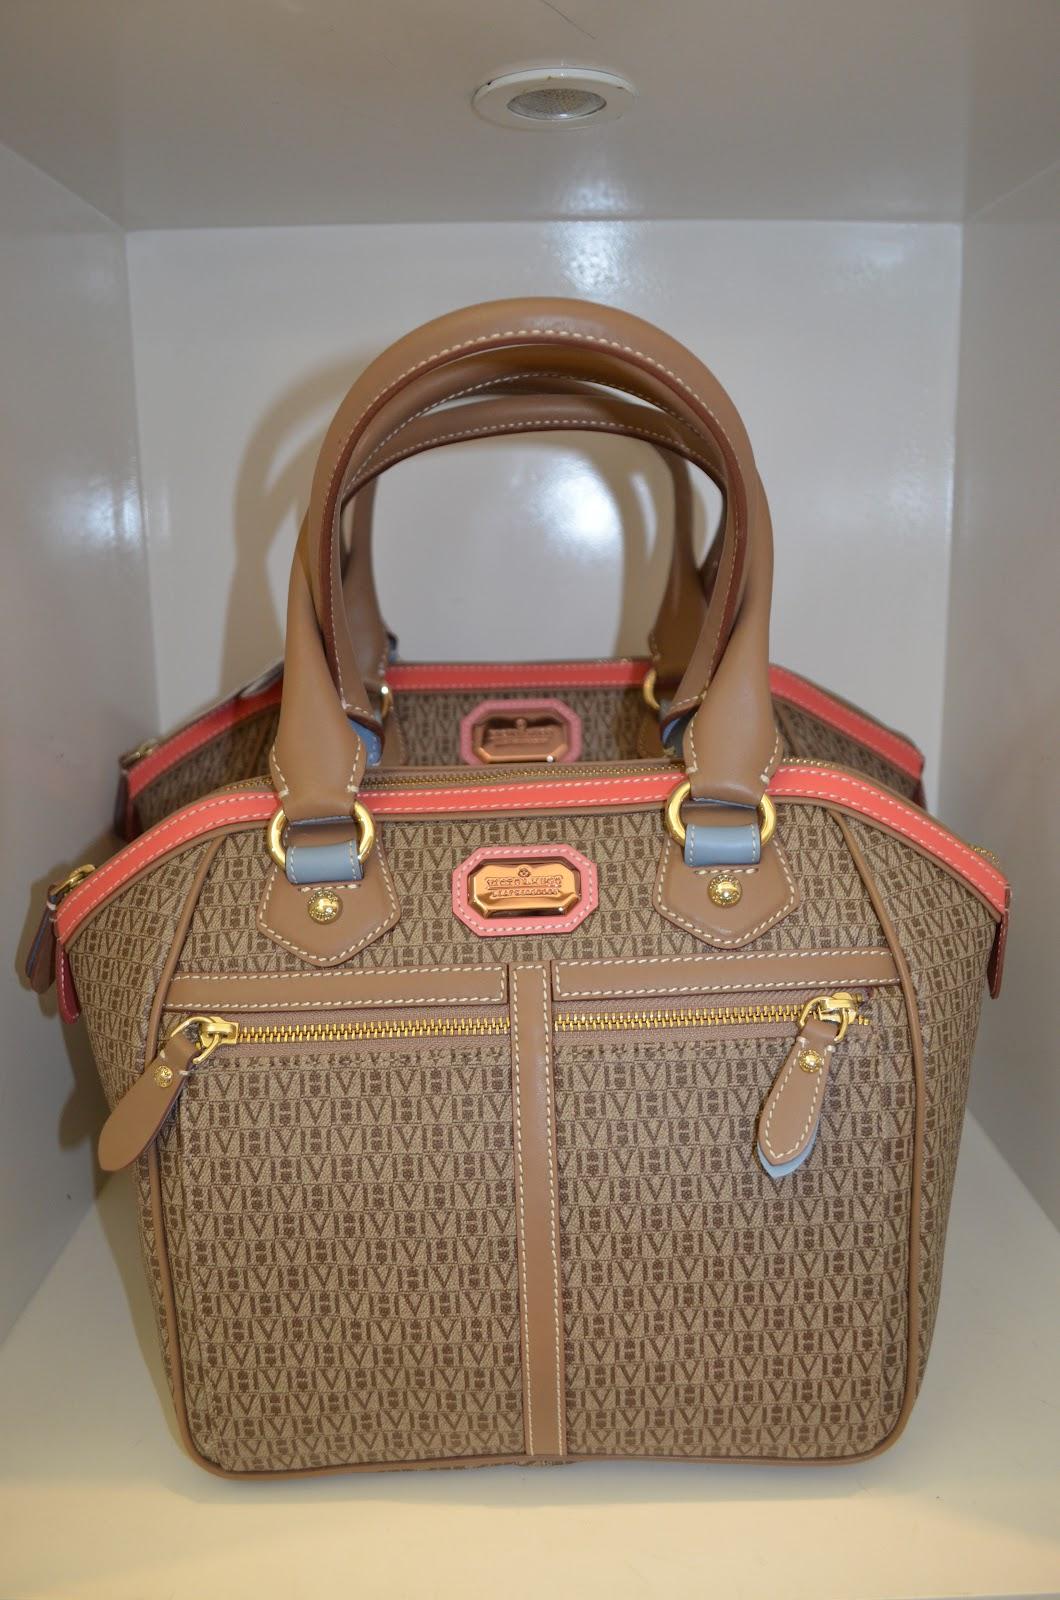 5d4c310ccabc9 Esta é a palavra mais certeira para definer a Victor Hugo de bolsas e  acessórios que gera tanto desejo de consumo nas mulheres. Também lá lenços,  chaveiros, ...